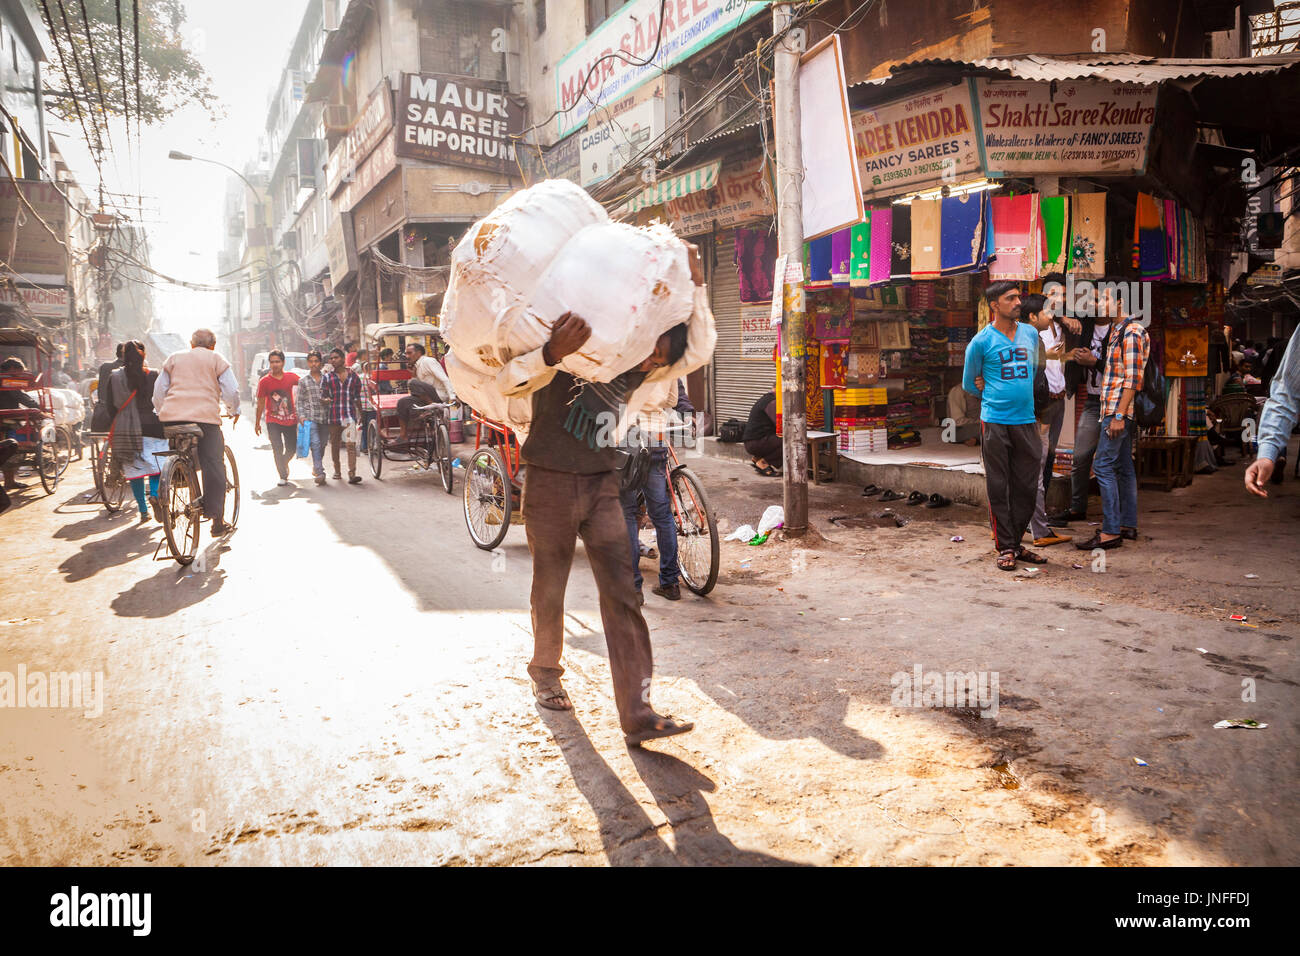 Un uomo che porta una pesante e scomodo caricare sulle sue spalle attraverso le strade di Chandni Chowk, uno dei più trafficati e mercati più antica di Delhi, India. Immagini Stock